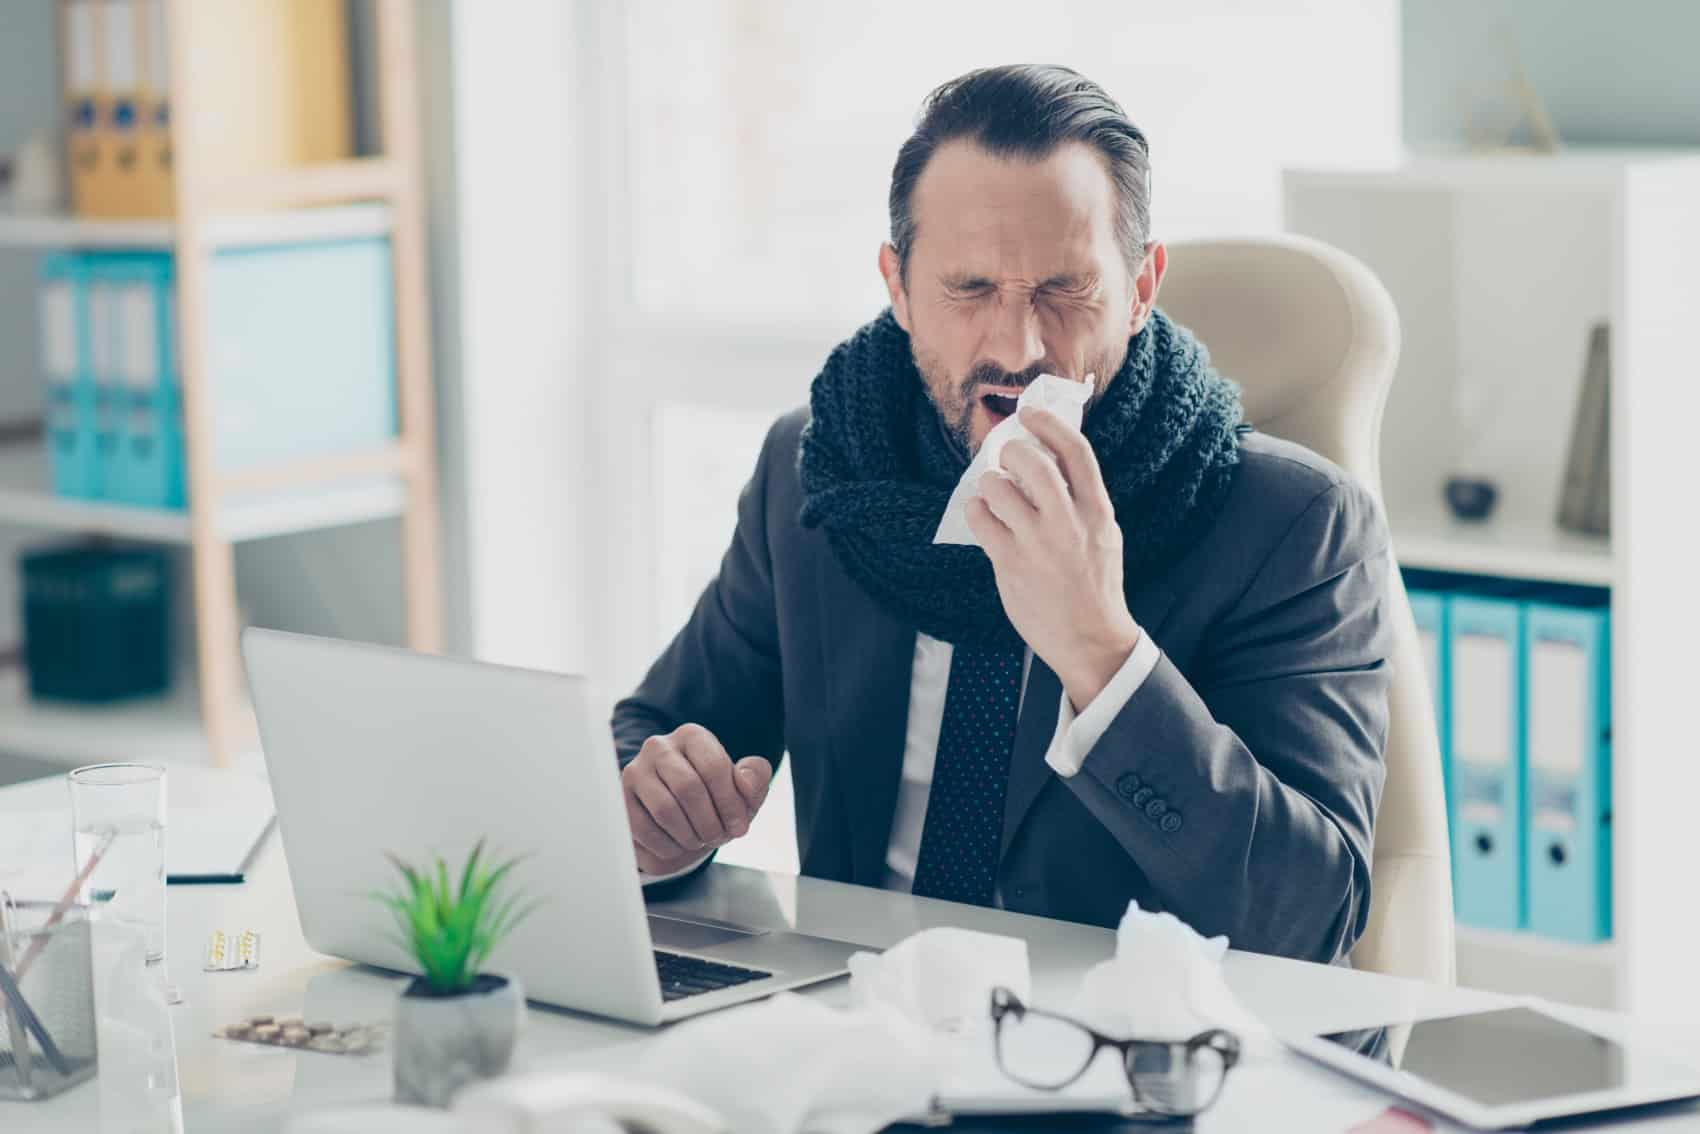 kranker Mann der im Büro sitzt